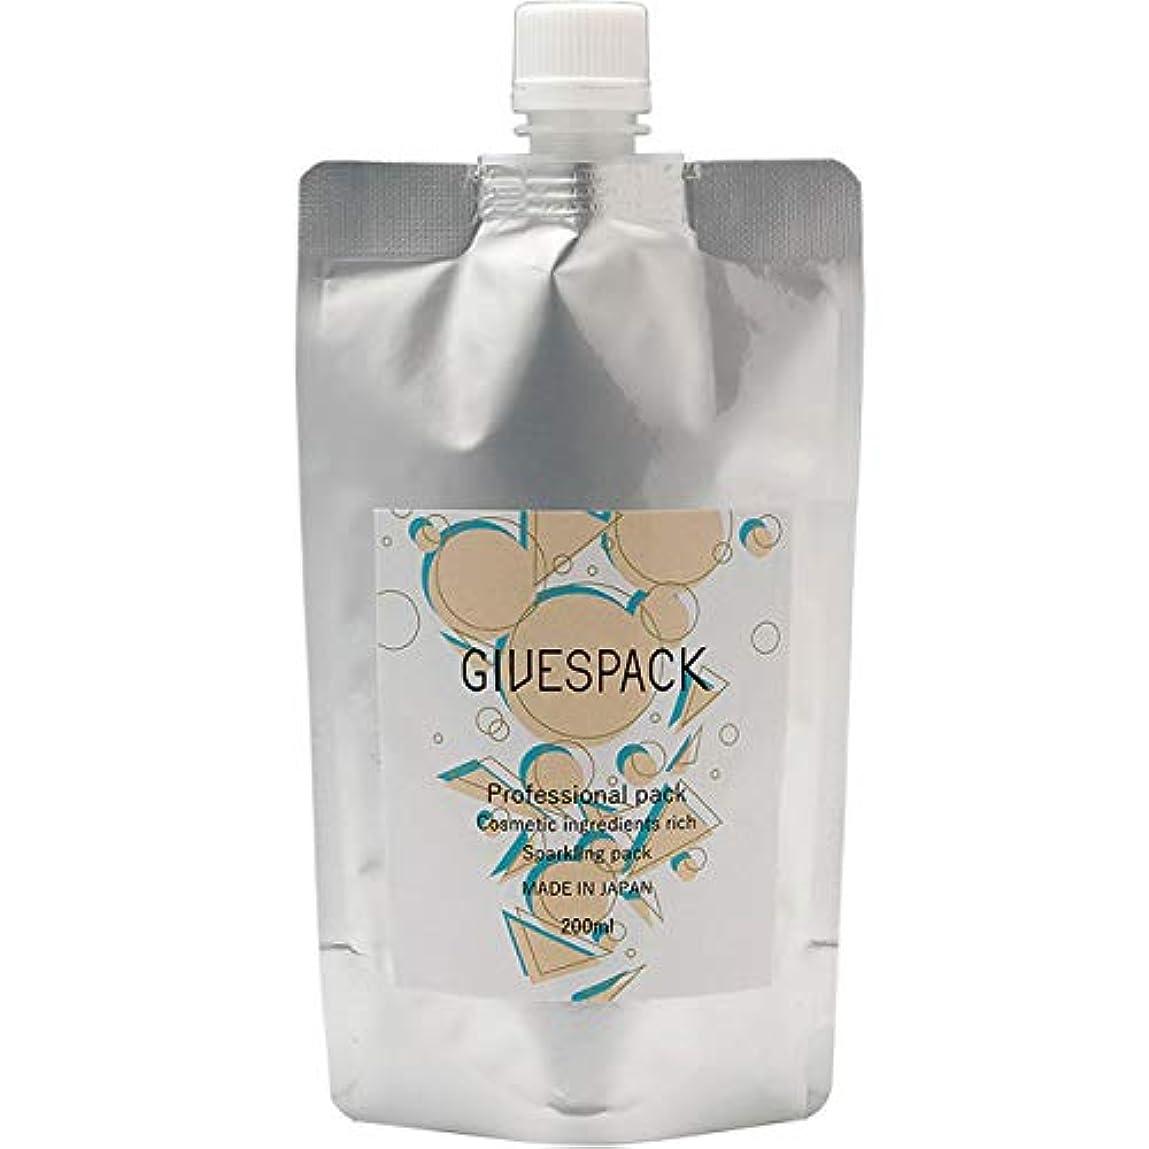 素晴らしいわずかな驚くべきNAVAN ギブスパック 炭酸パック 自宅エステ 手軽な一剤式(混ぜない) オールインワン 200ml たっぷり約23回分